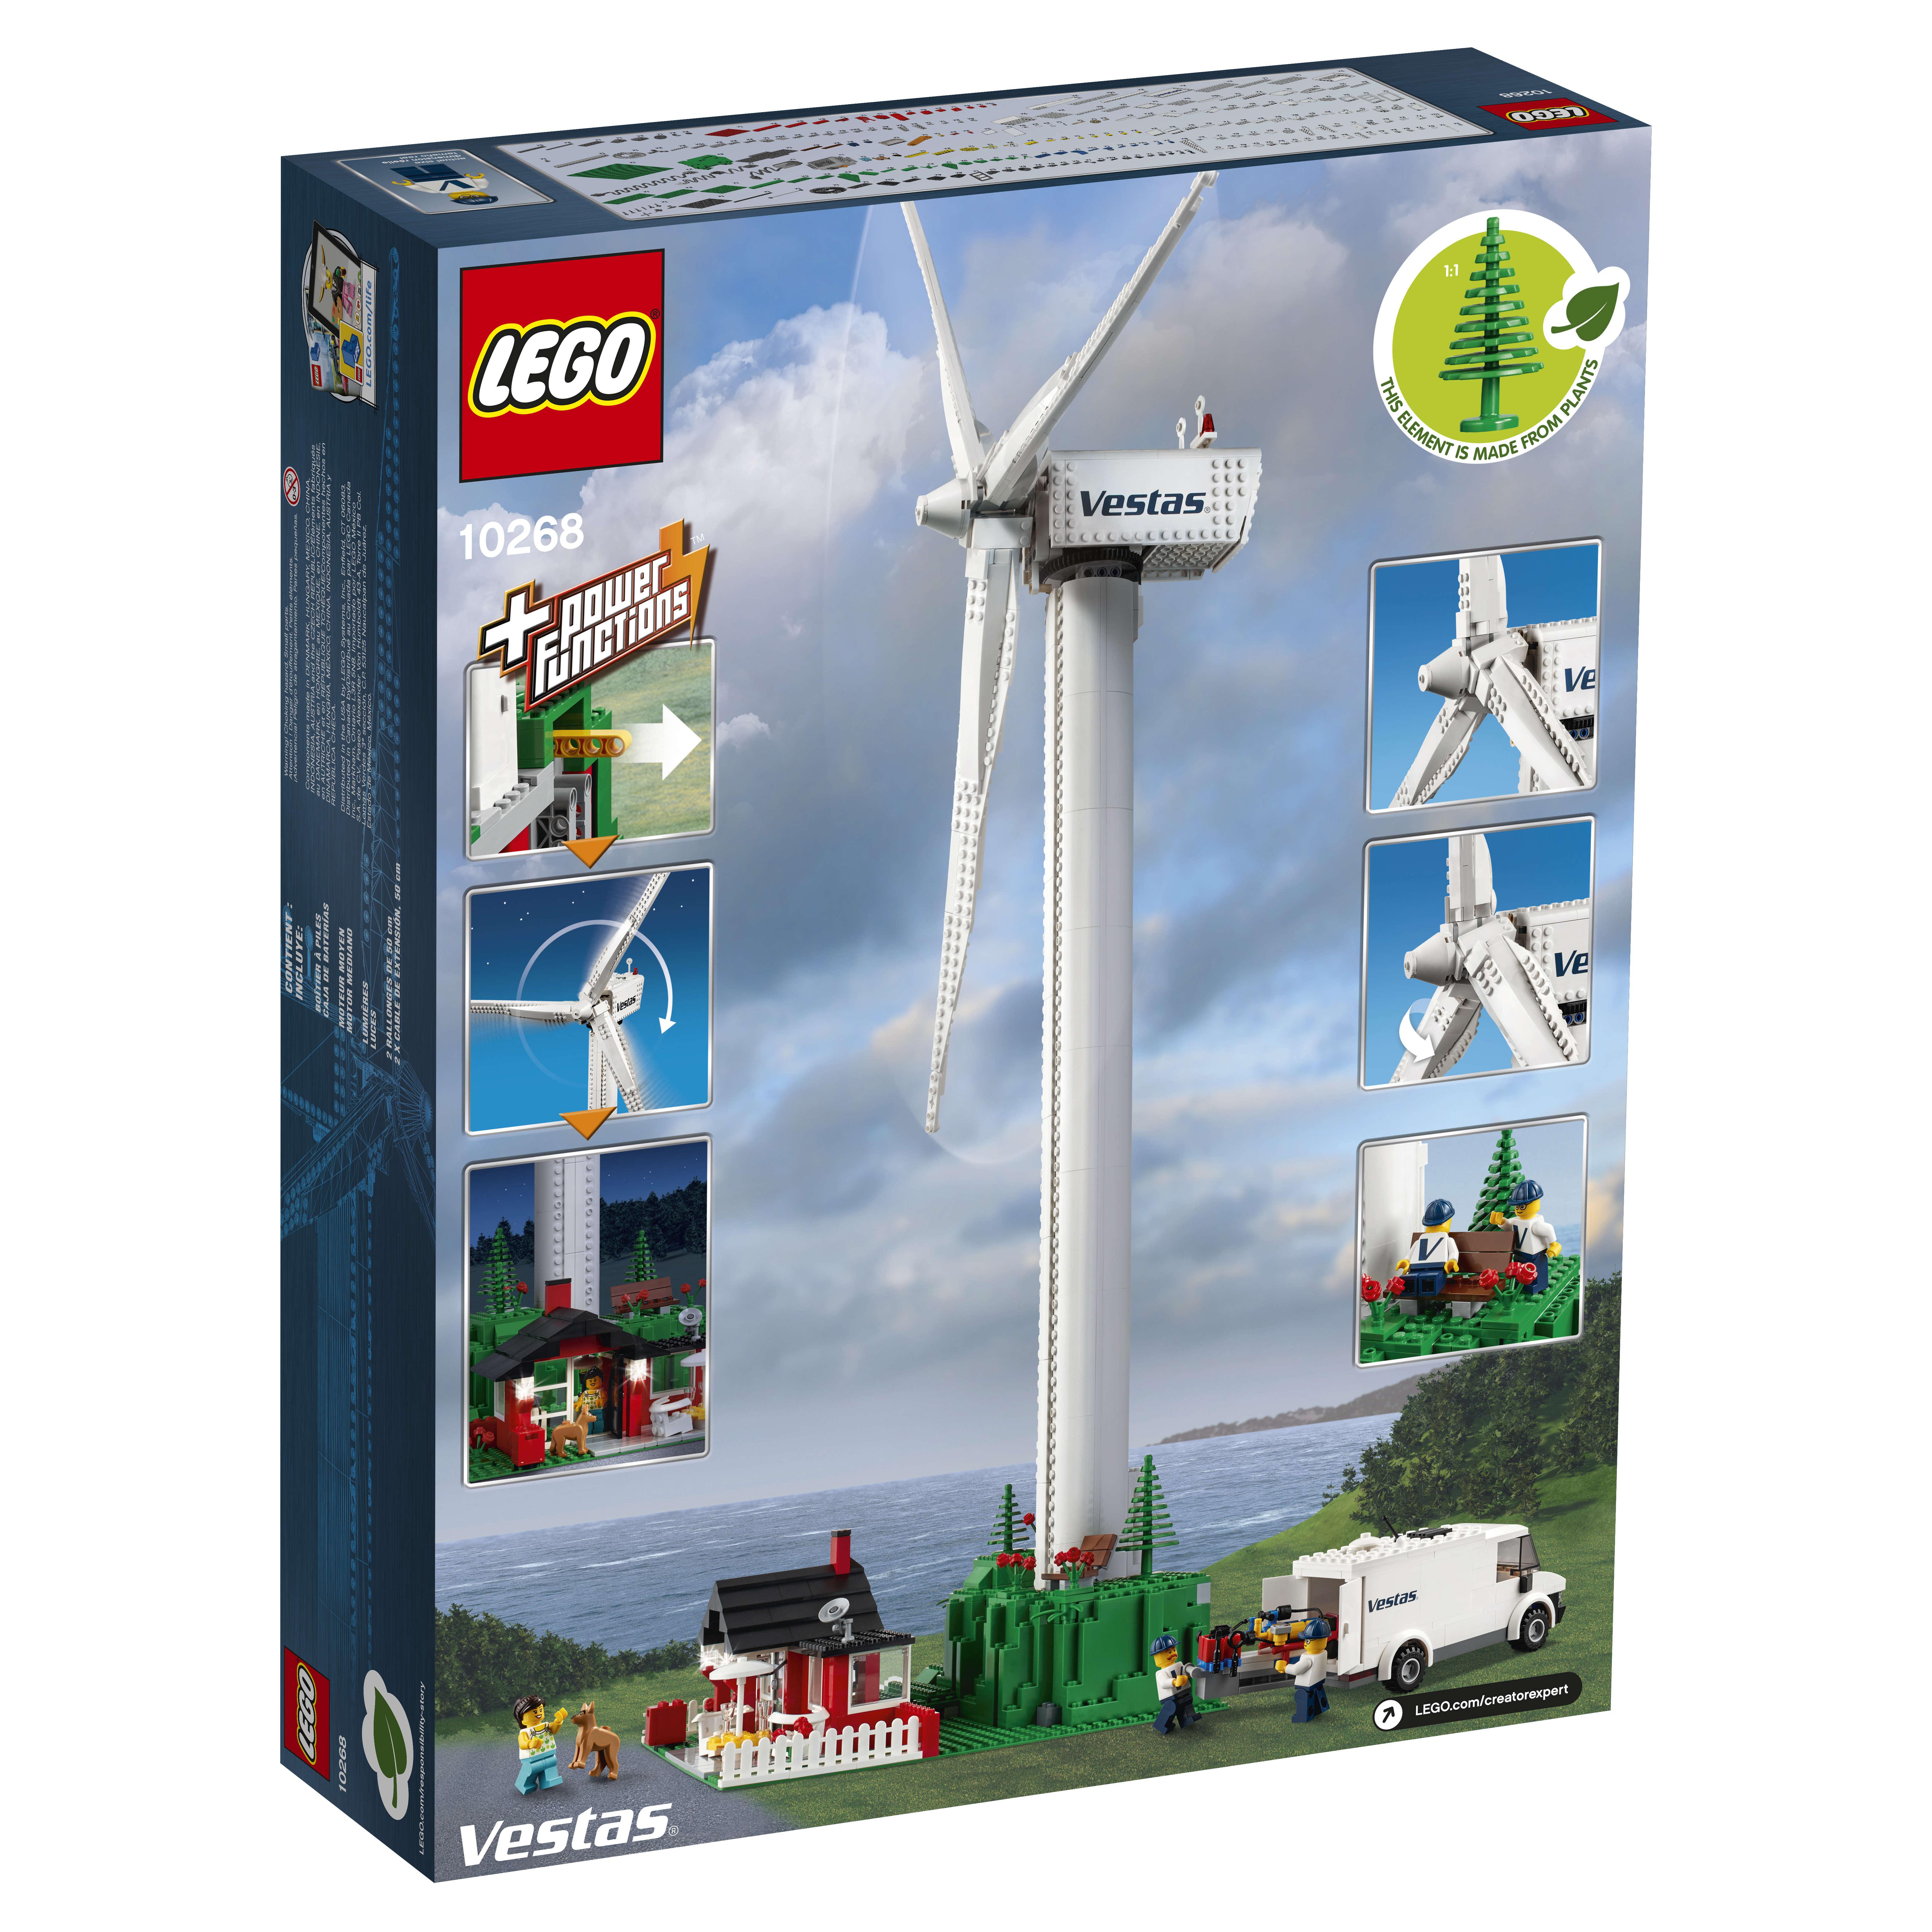 10268 Vespas Wind Turbine